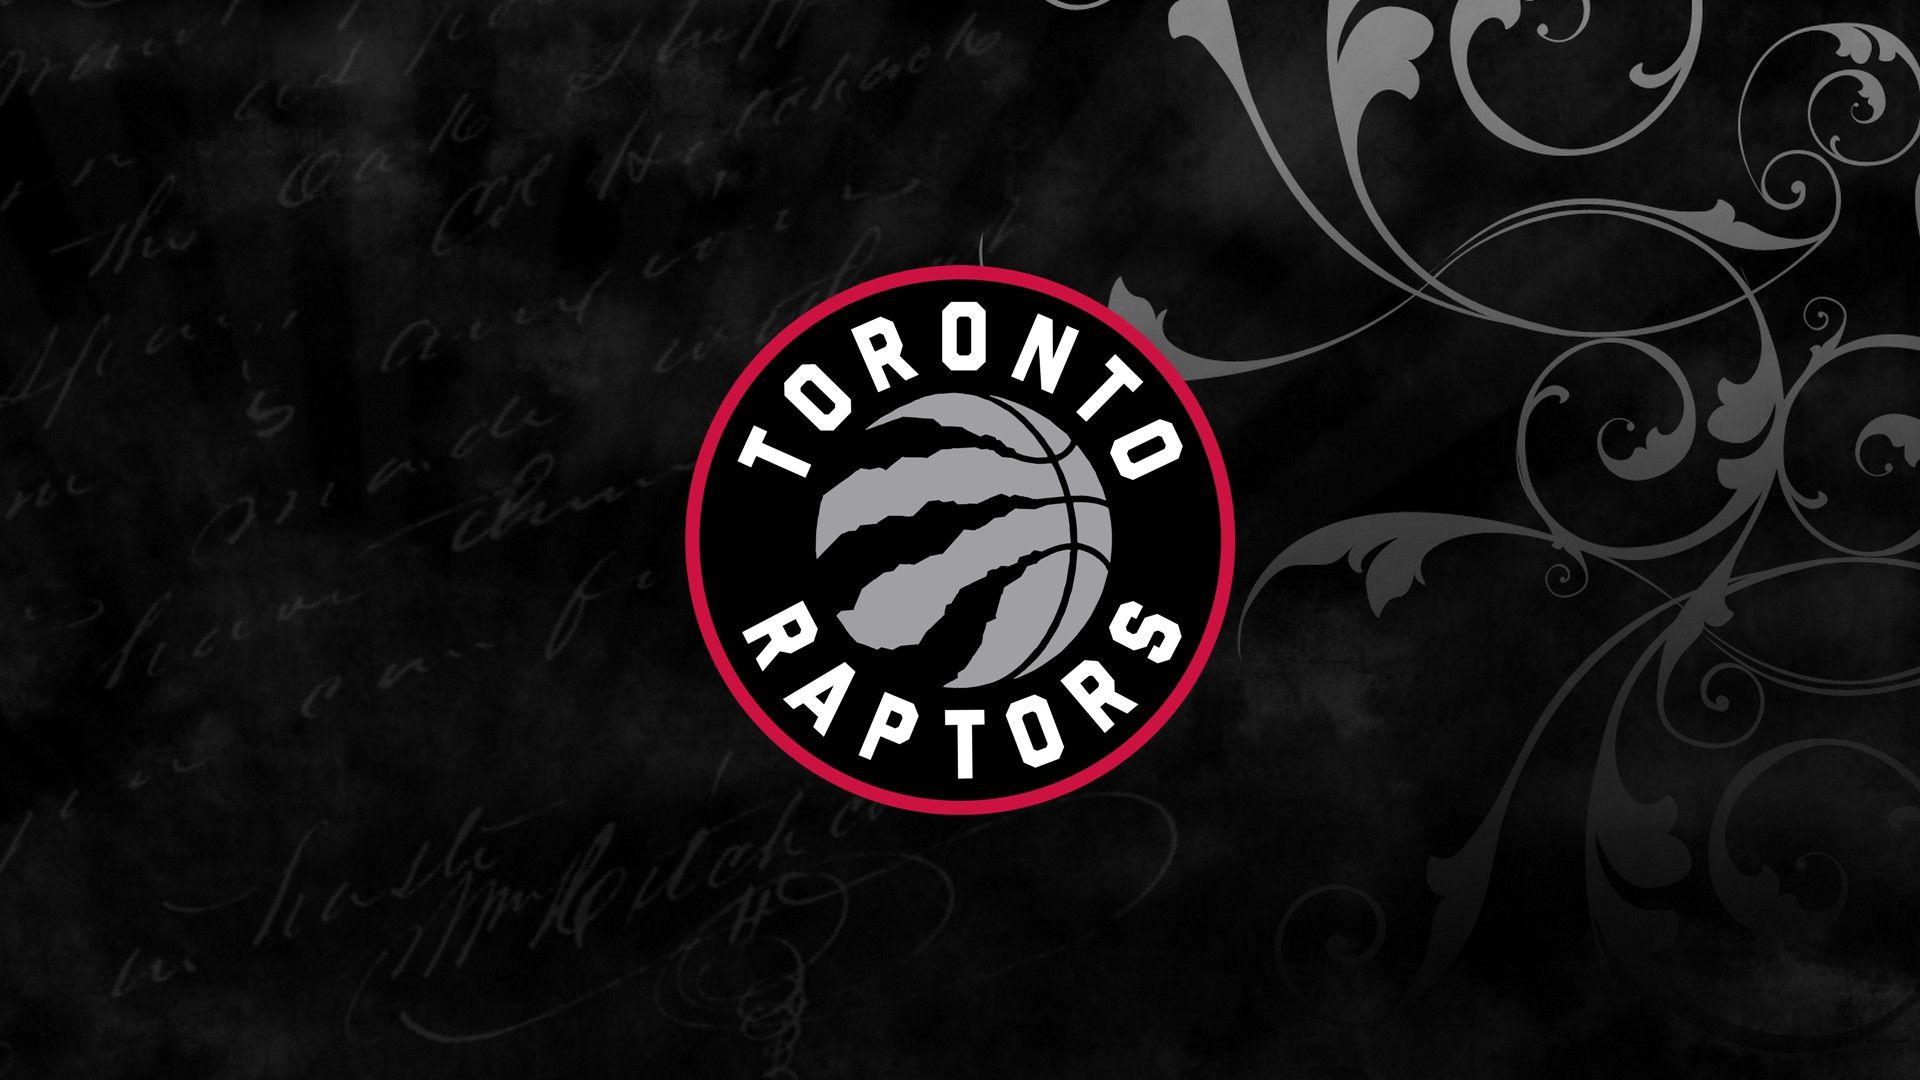 Nba Raptors Desktop Wallpapers 2021 Basketball Wallpaper Basketball Wallpapers Hd Basketball Wallpaper Basketball Anime